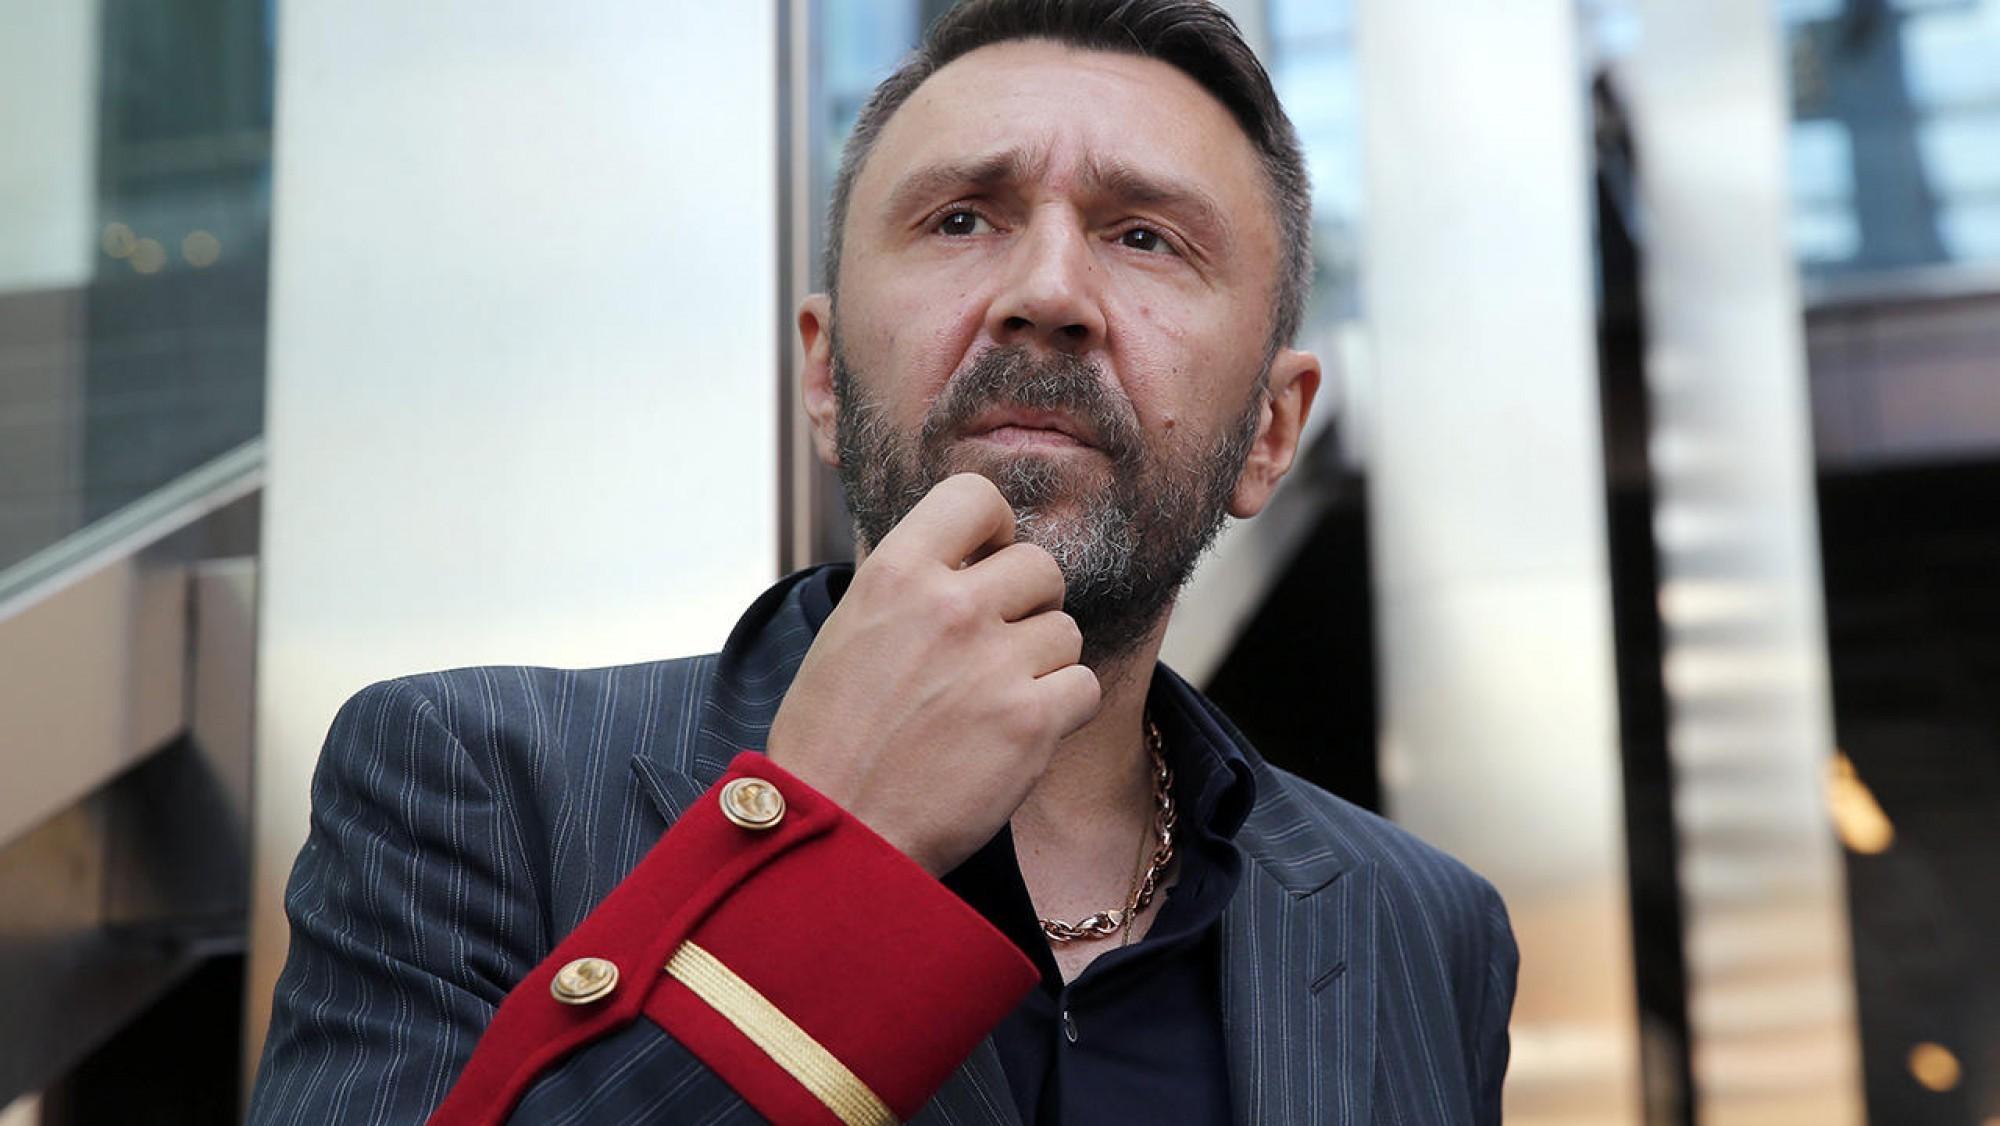 В рамках тура «20 лет на радость» группа «Ленинград» выступит 21 октября в КРК «Уралец»